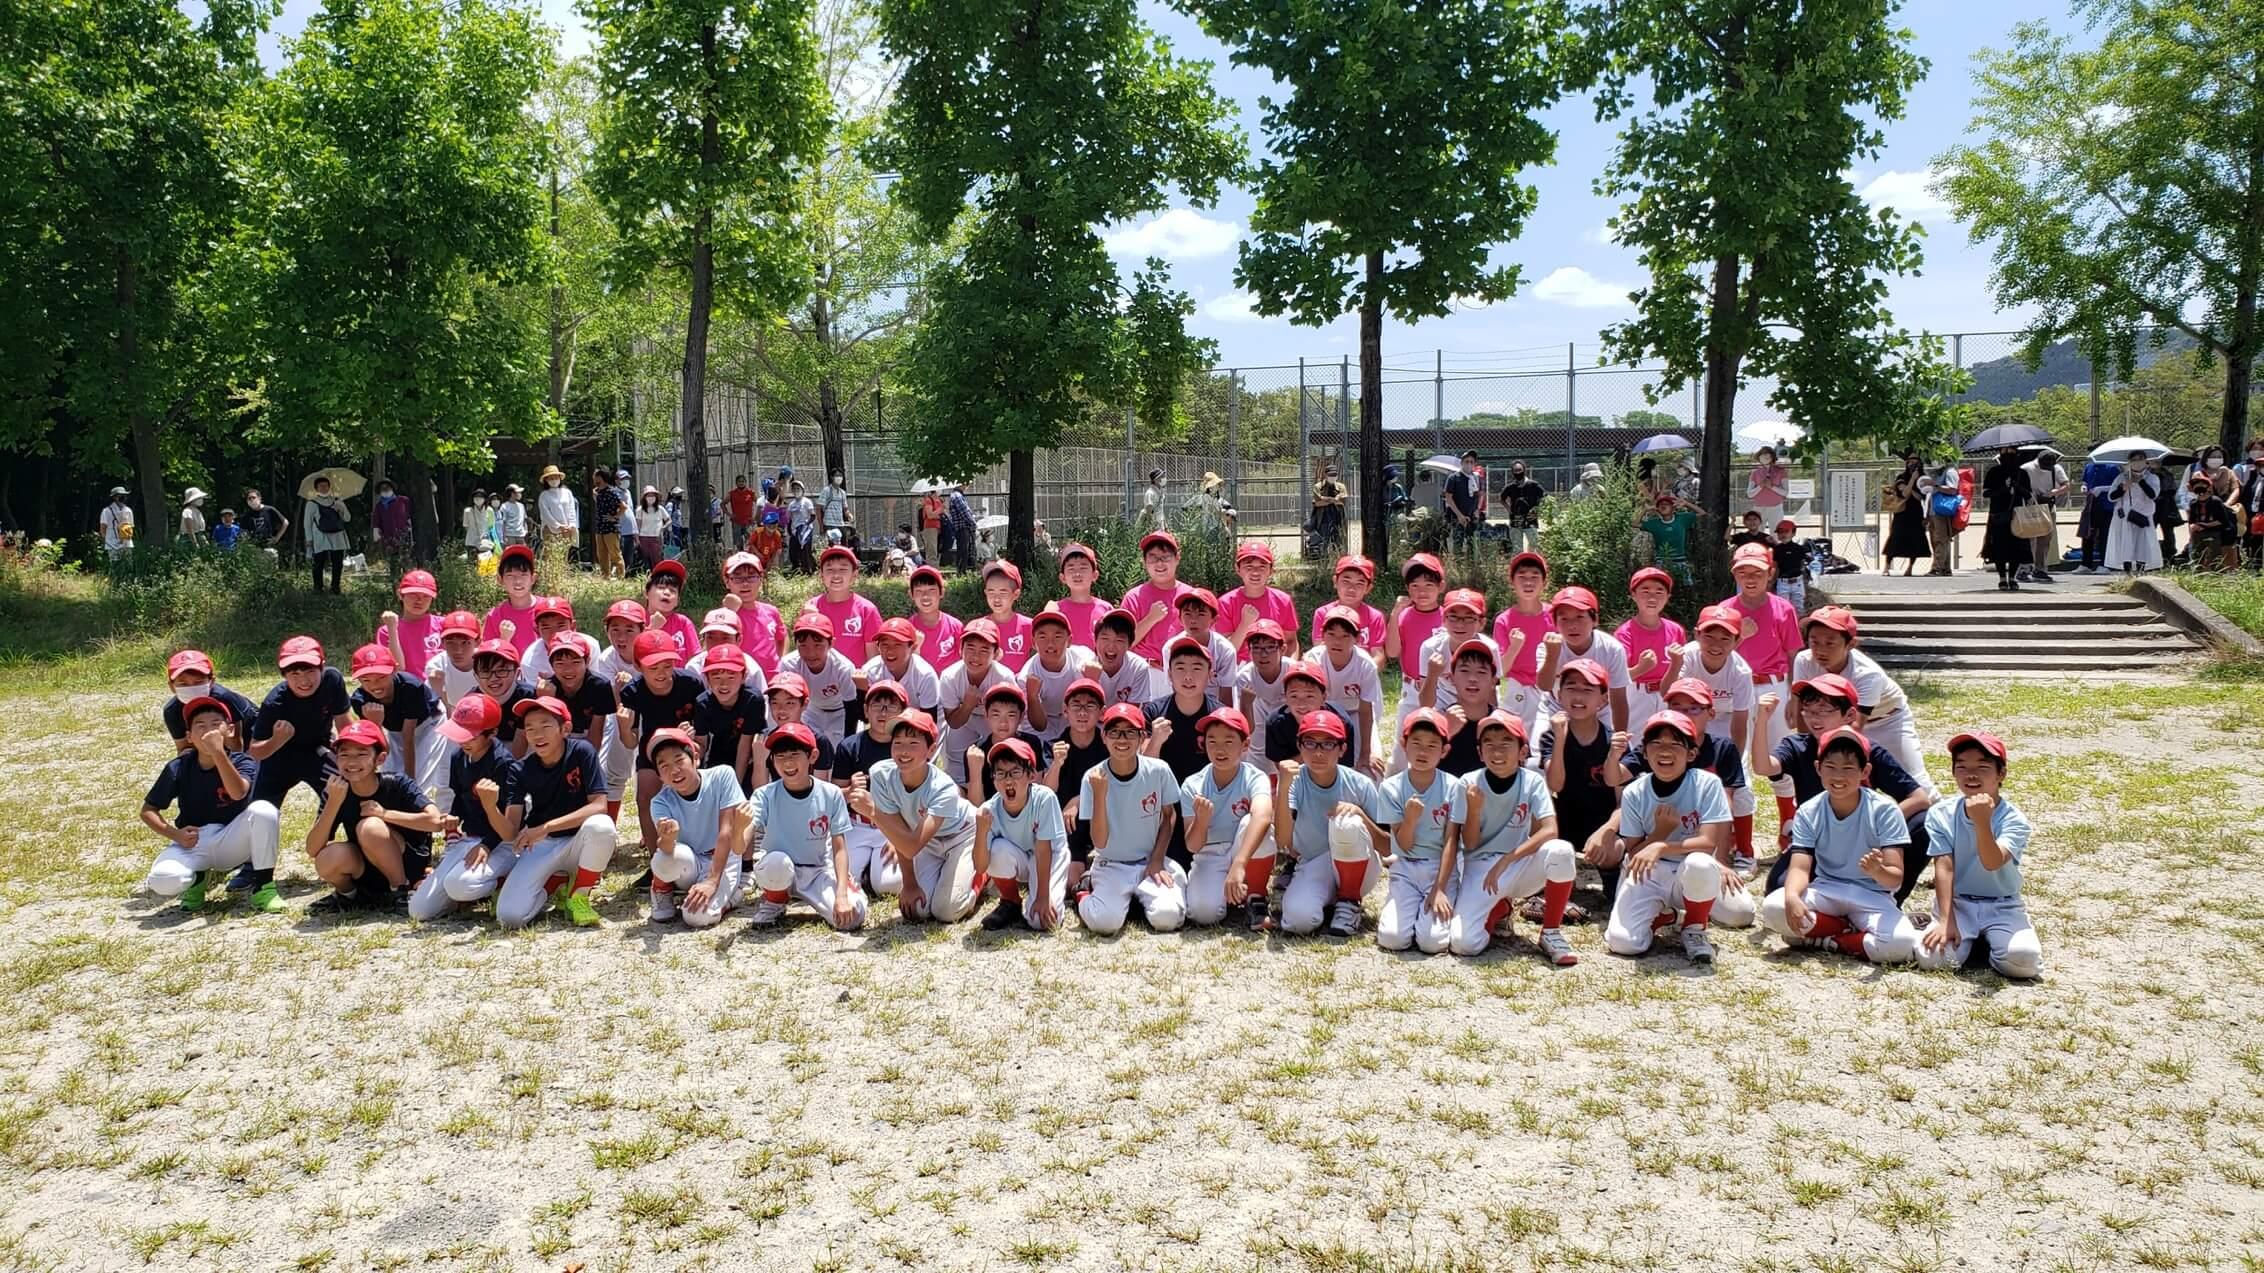 【野球スクール】第10回アカスポカップを開催しました